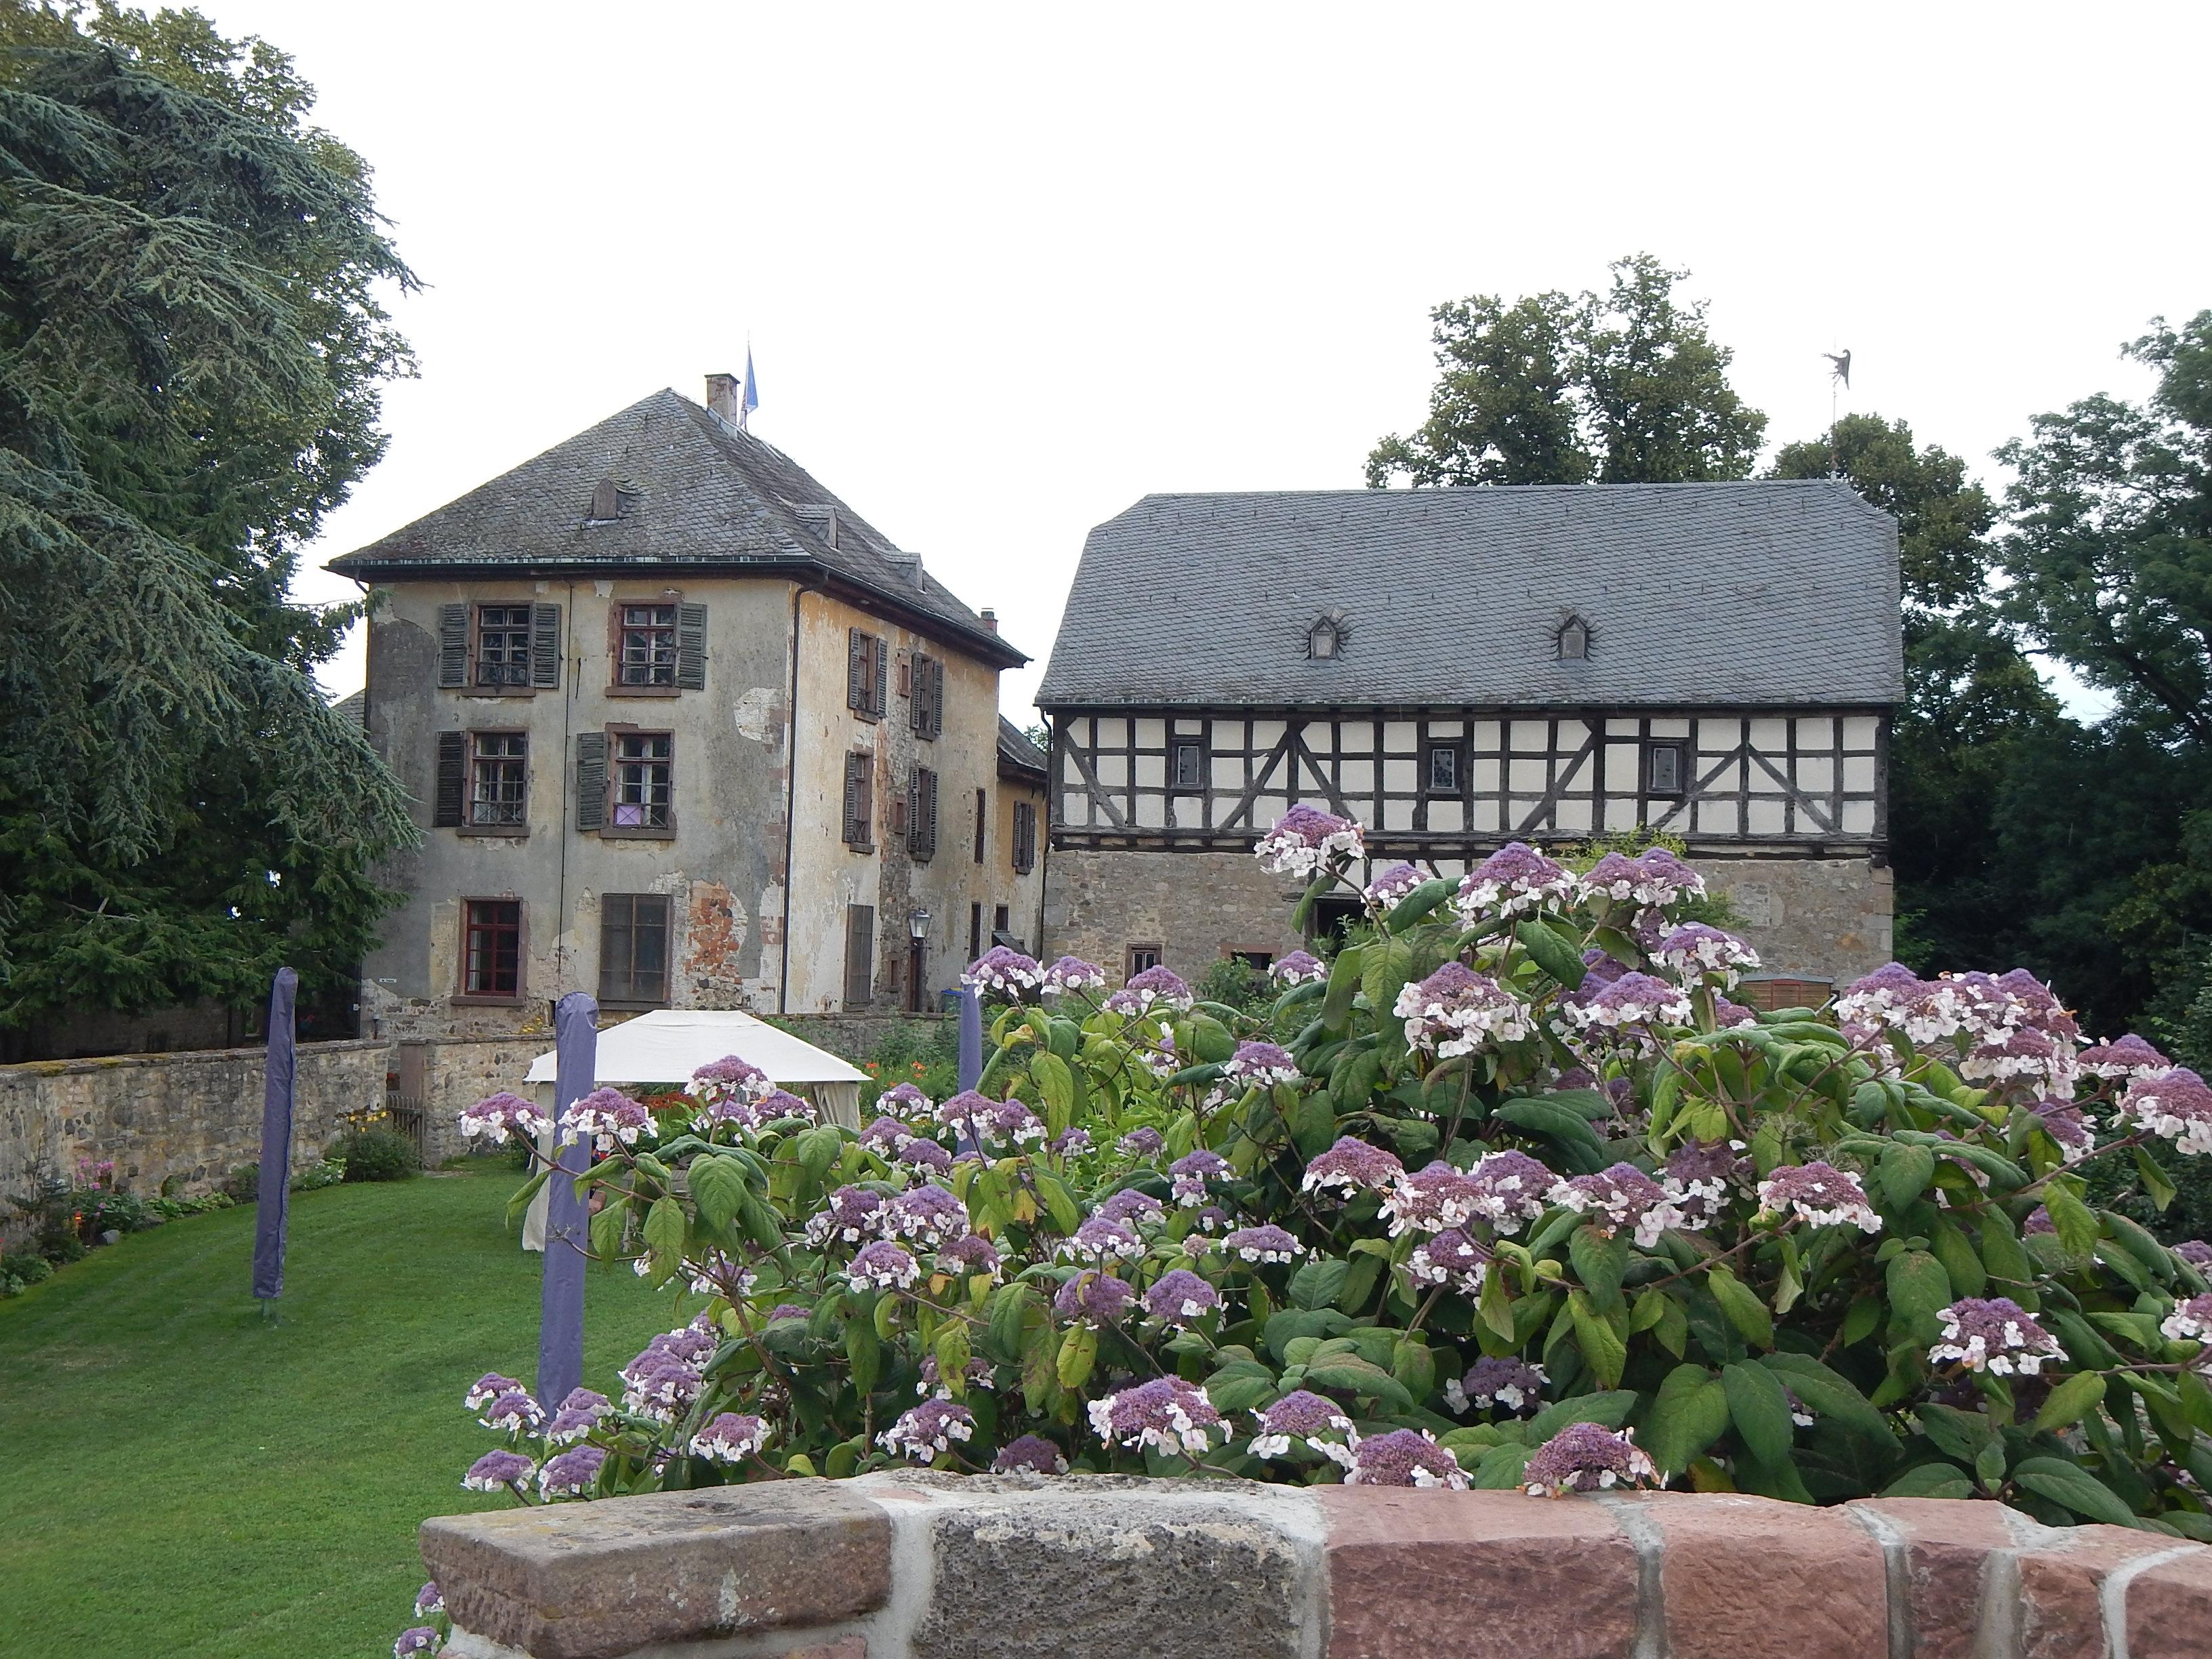 2016-07-28_Château_Homberg_1